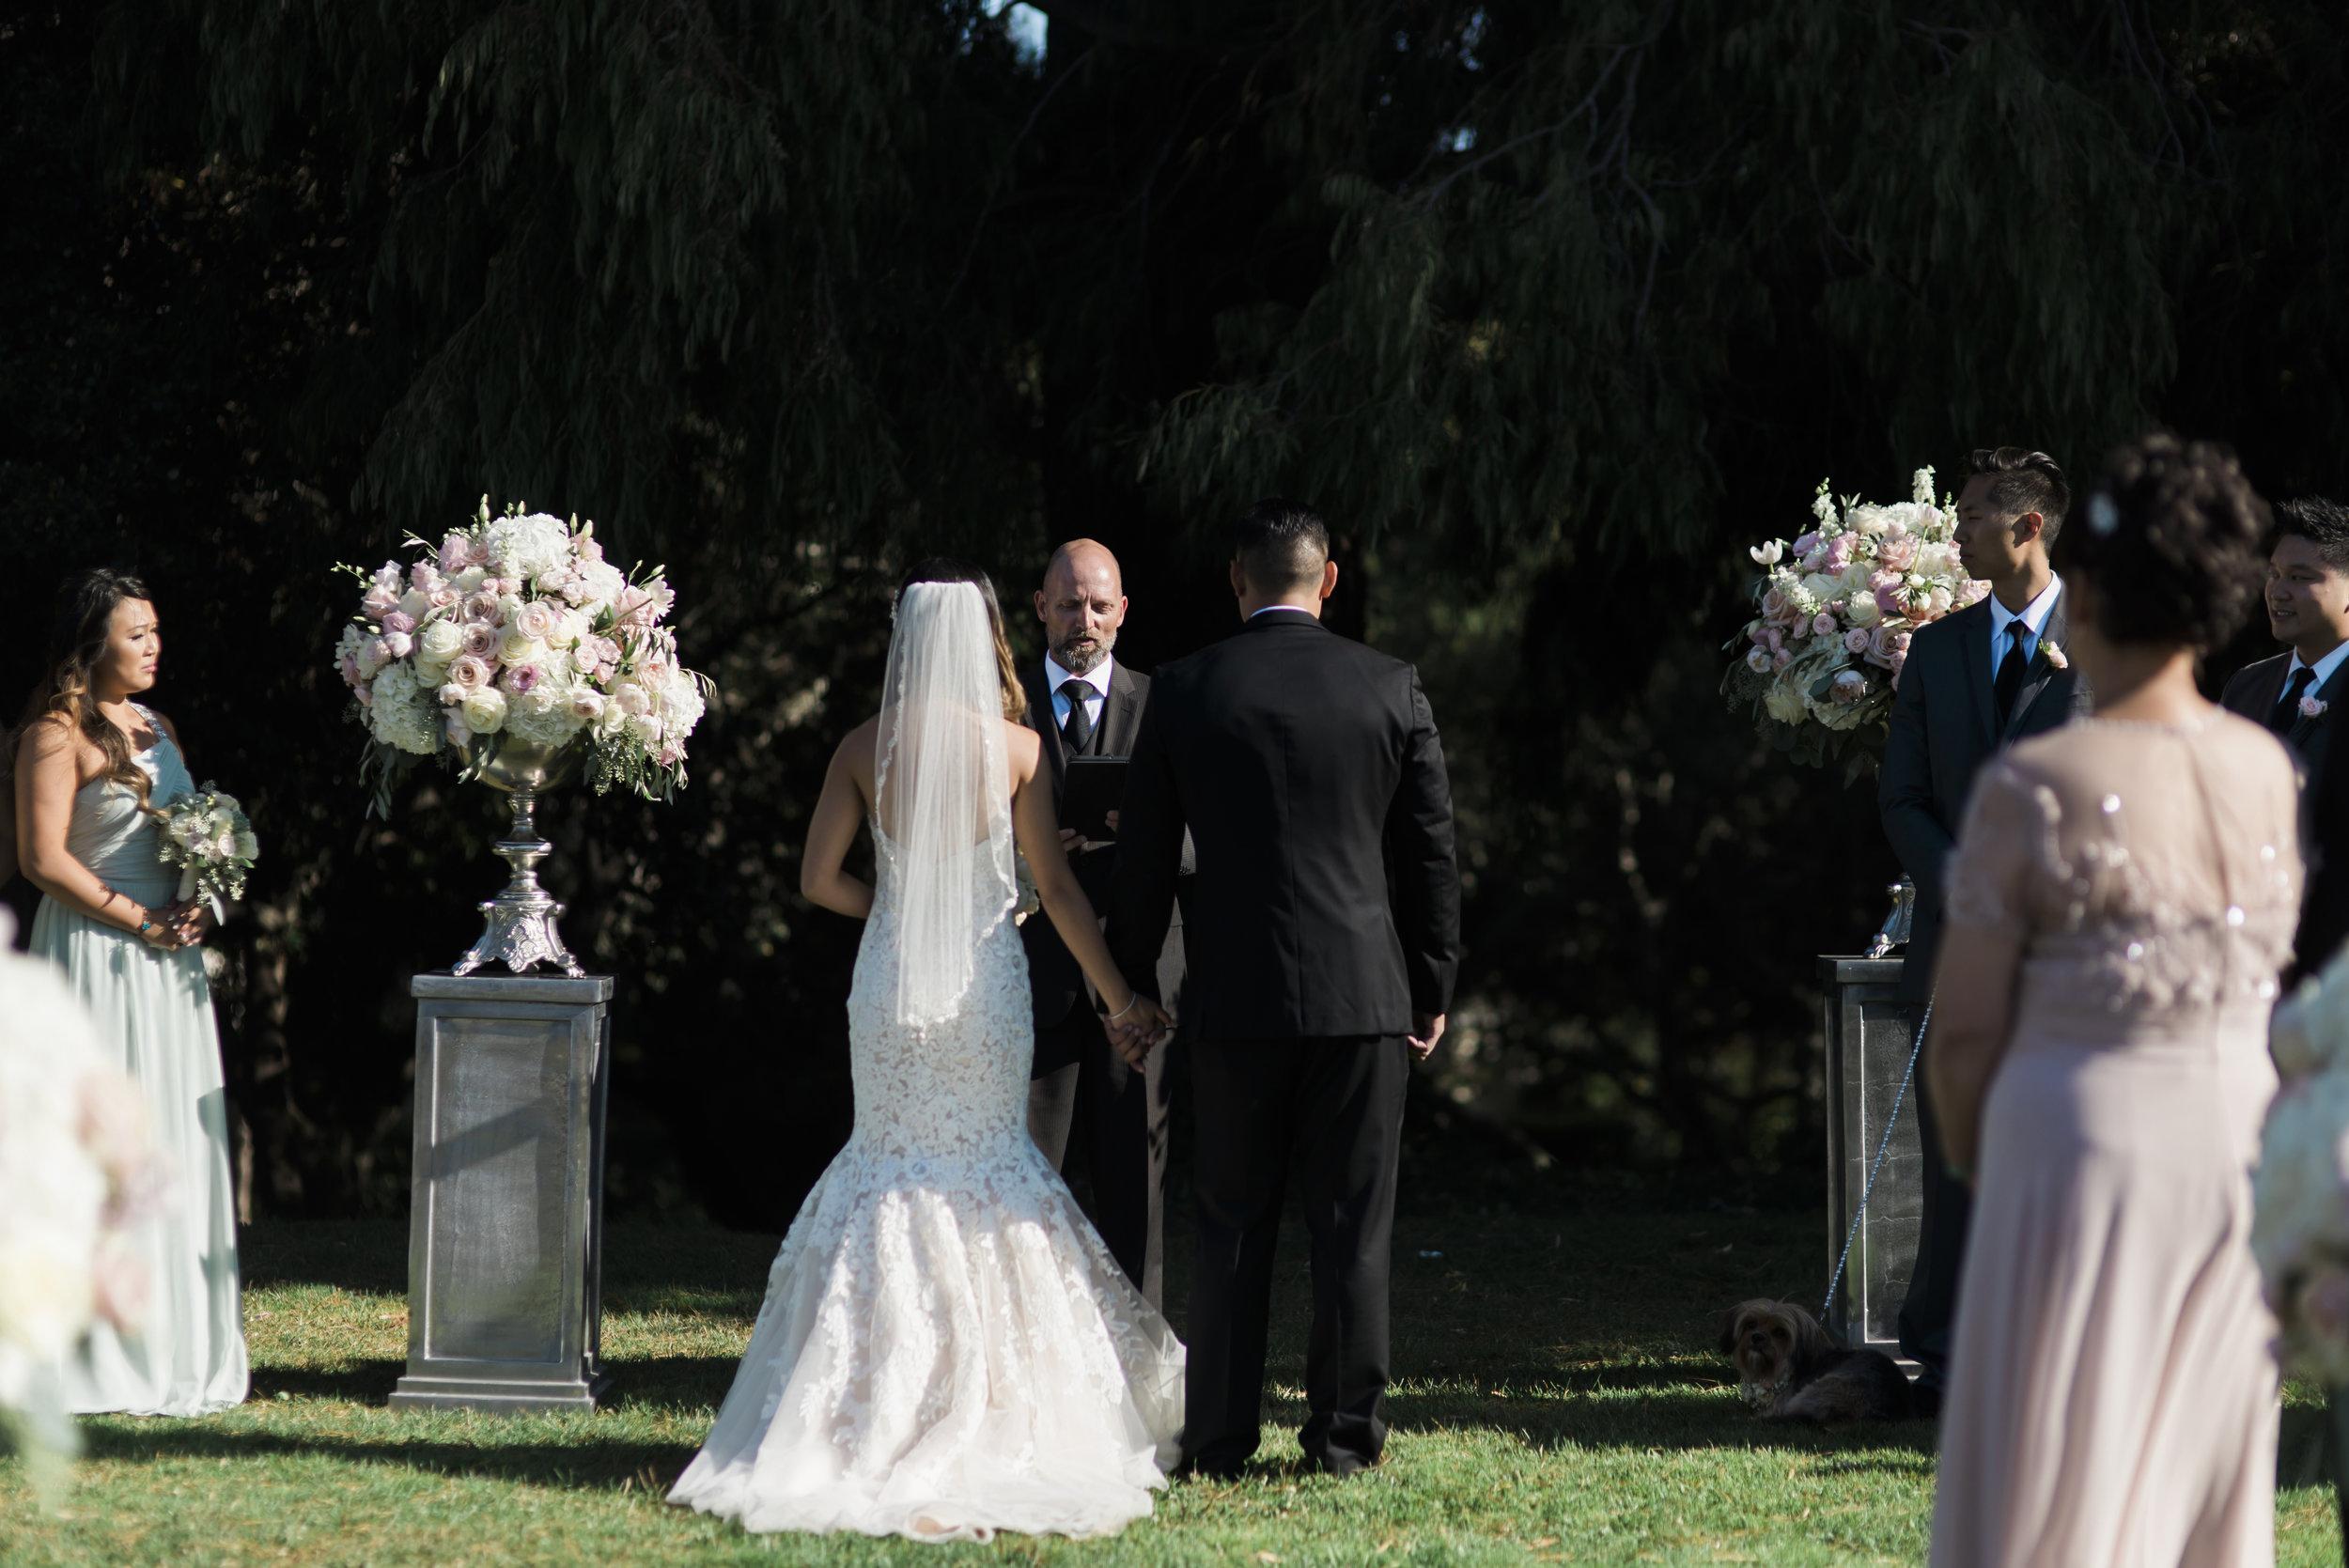 carien-will-wedding-412-(ZF-2465-09696-1-014).jpg